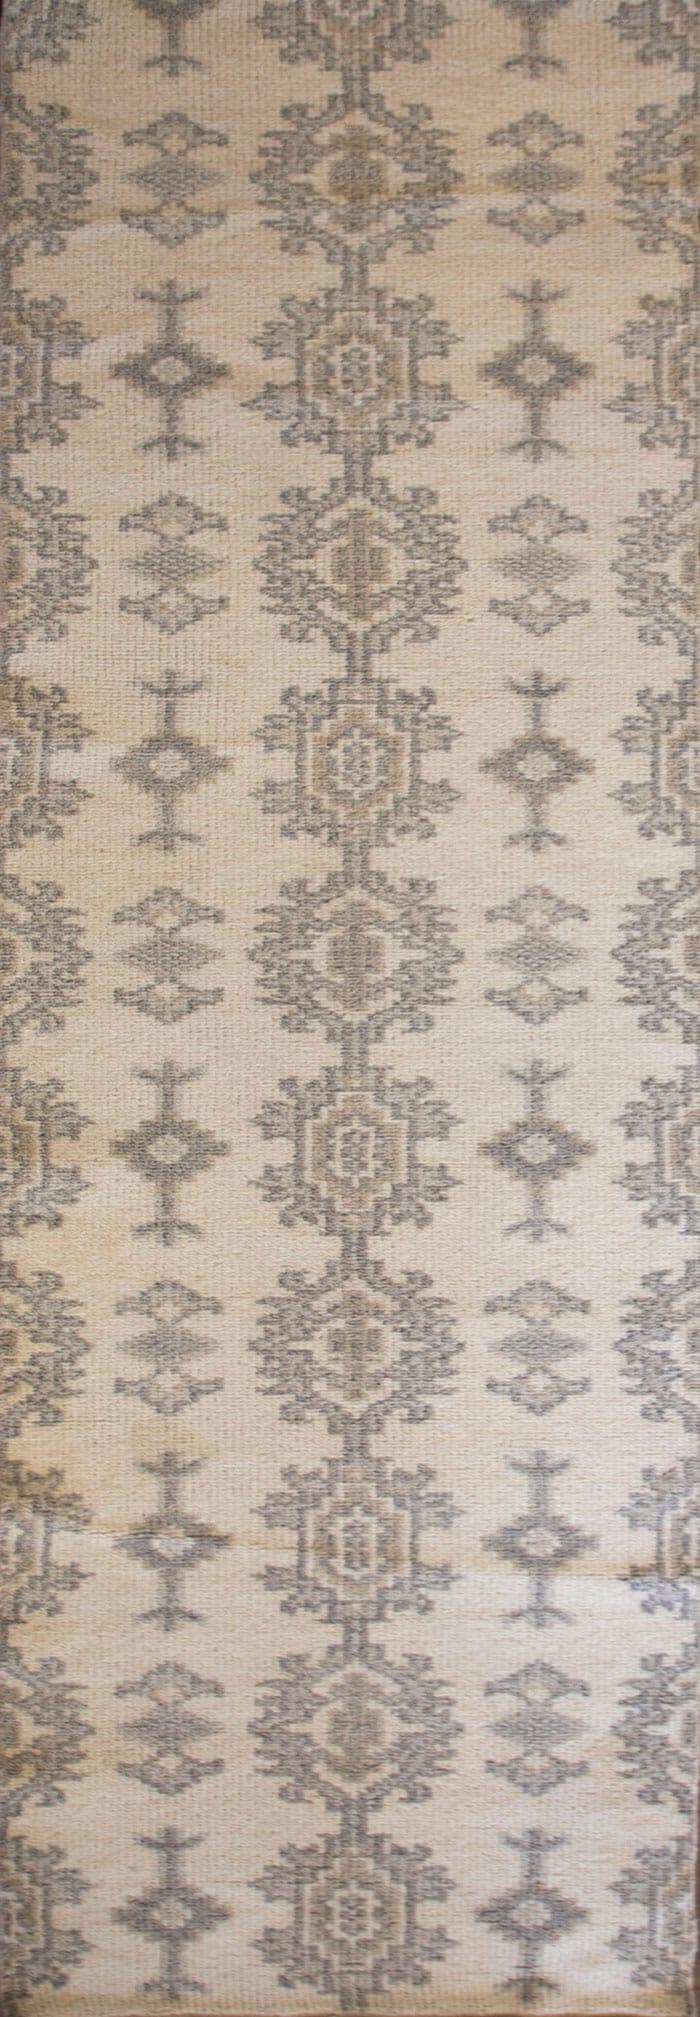 Oushak 30343 11 8x2 8 Nilipour Oriental Rugs